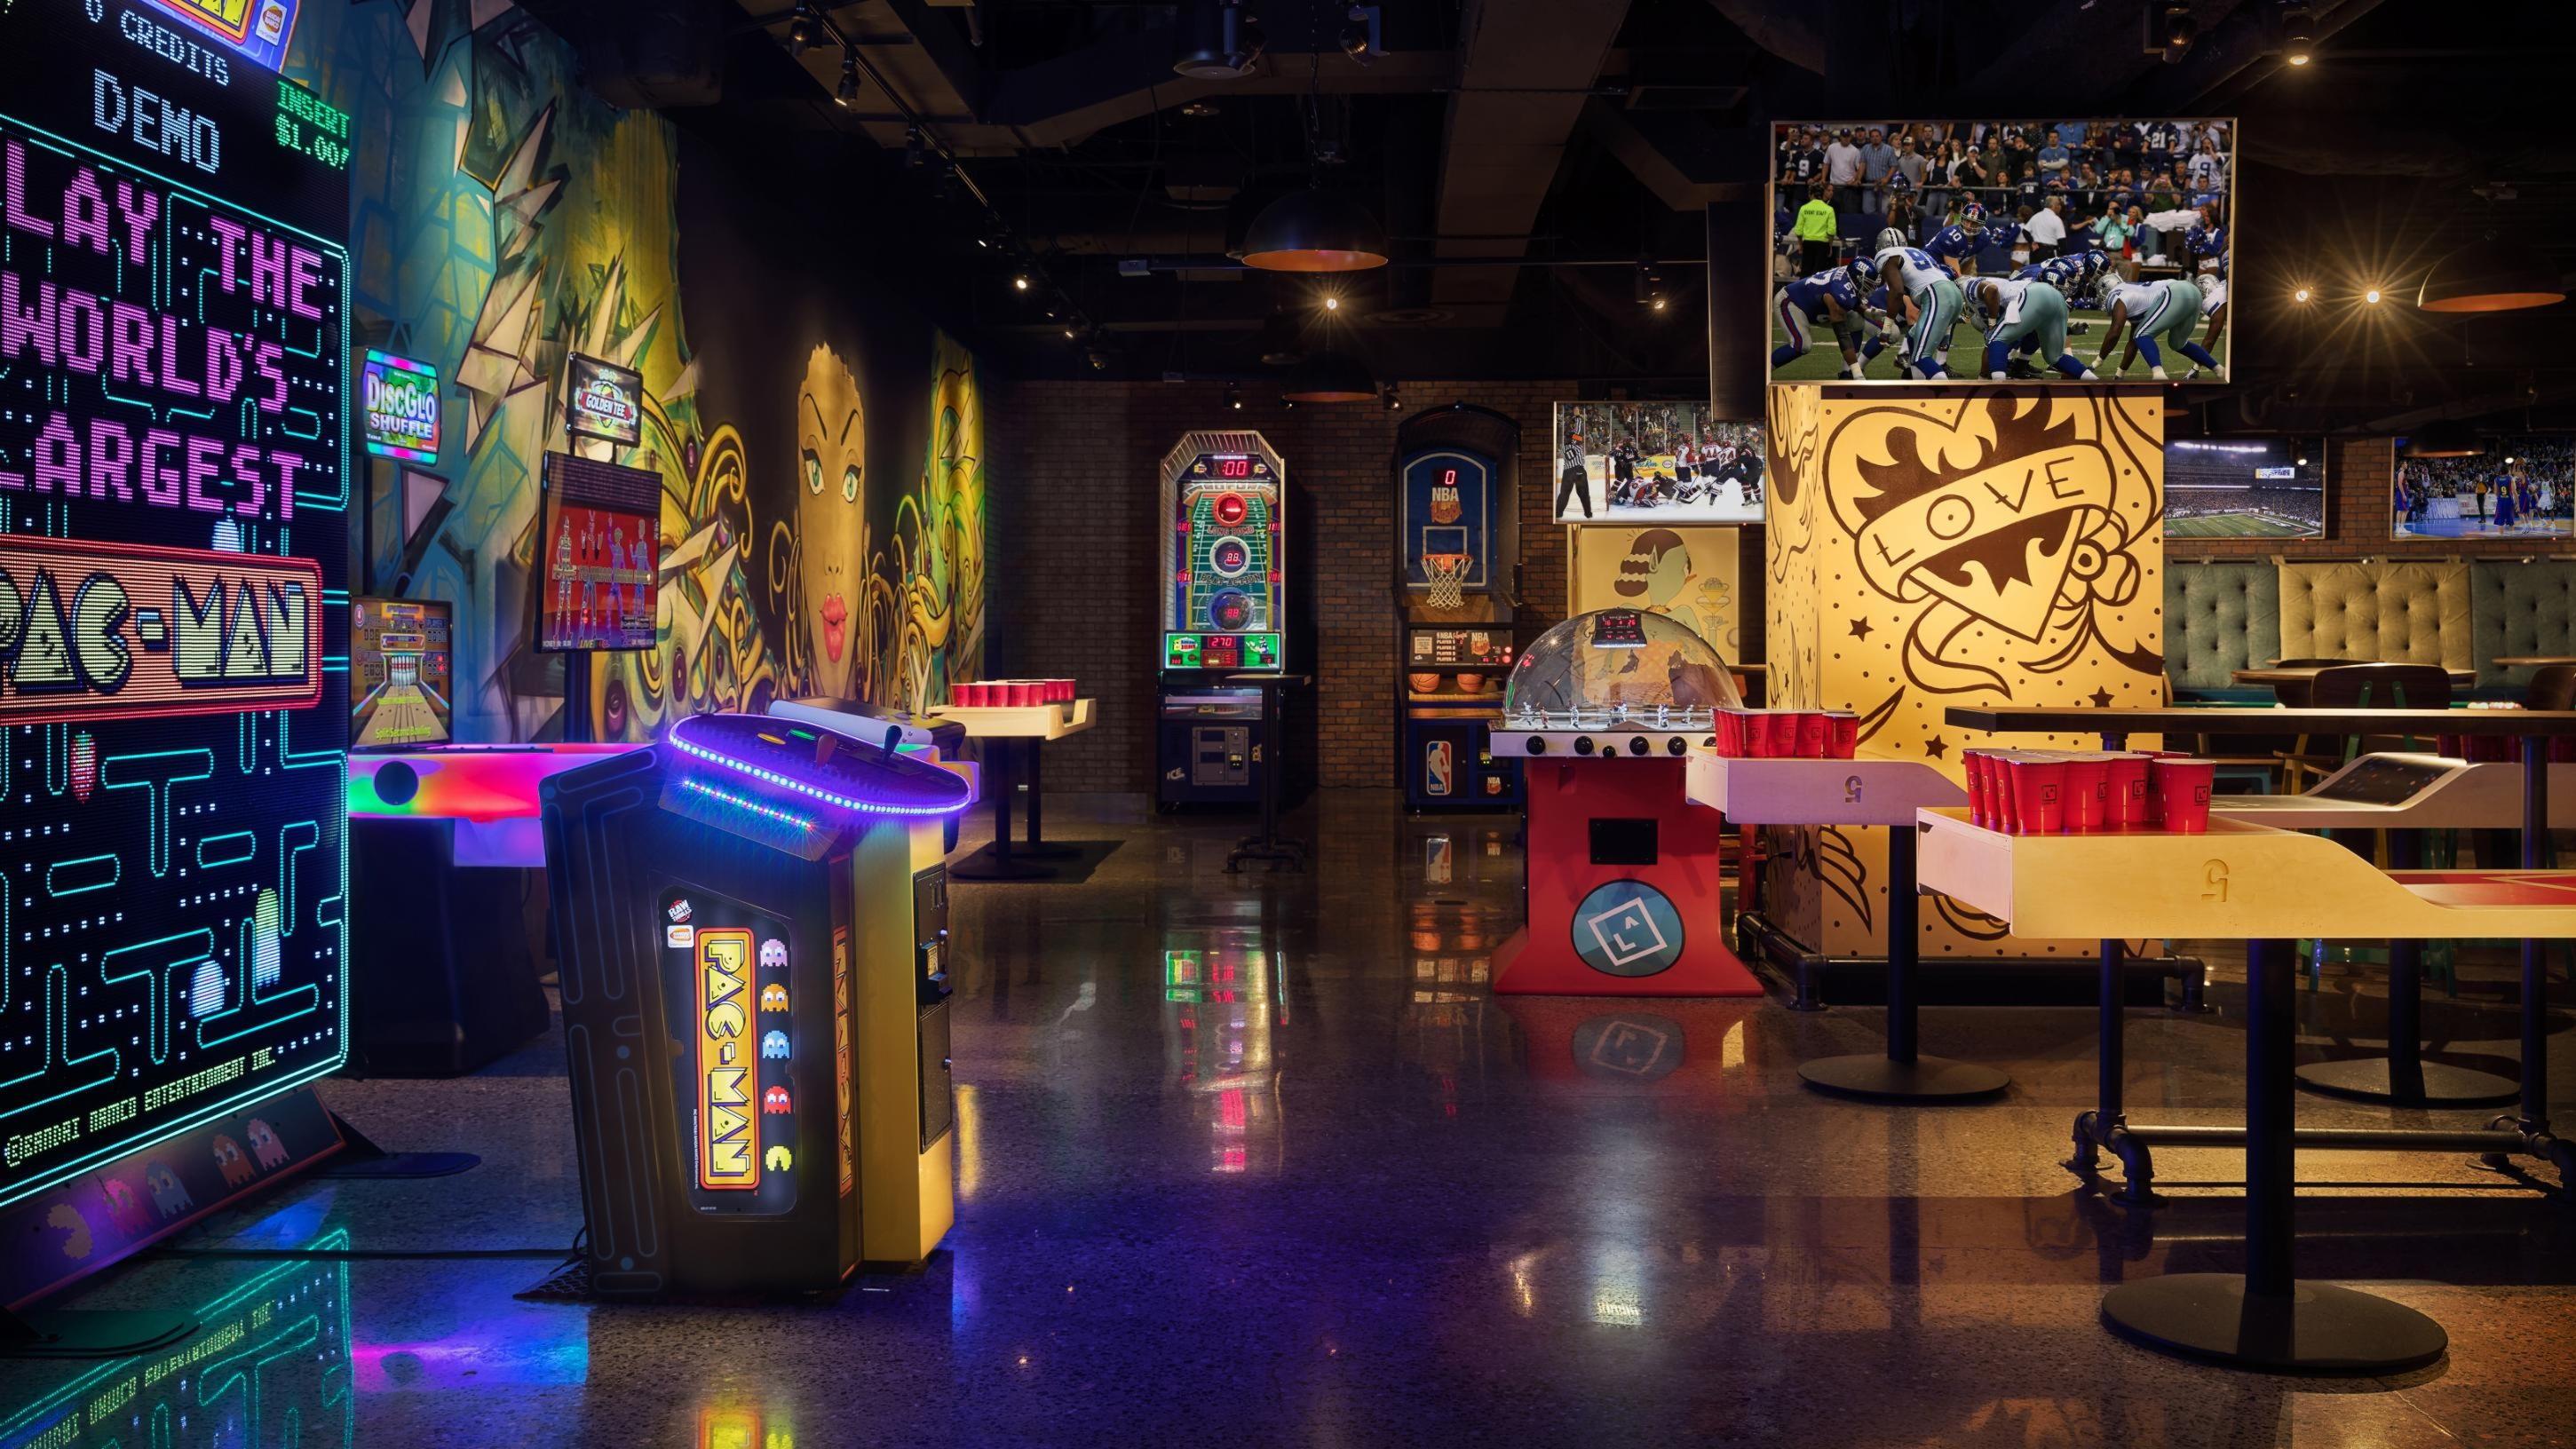 € 505 ทัวร์นาเมนต์คาสิโนฟรีโรลที่ Treasure Island Jackpots Casino (Sloto Cash Mirror)